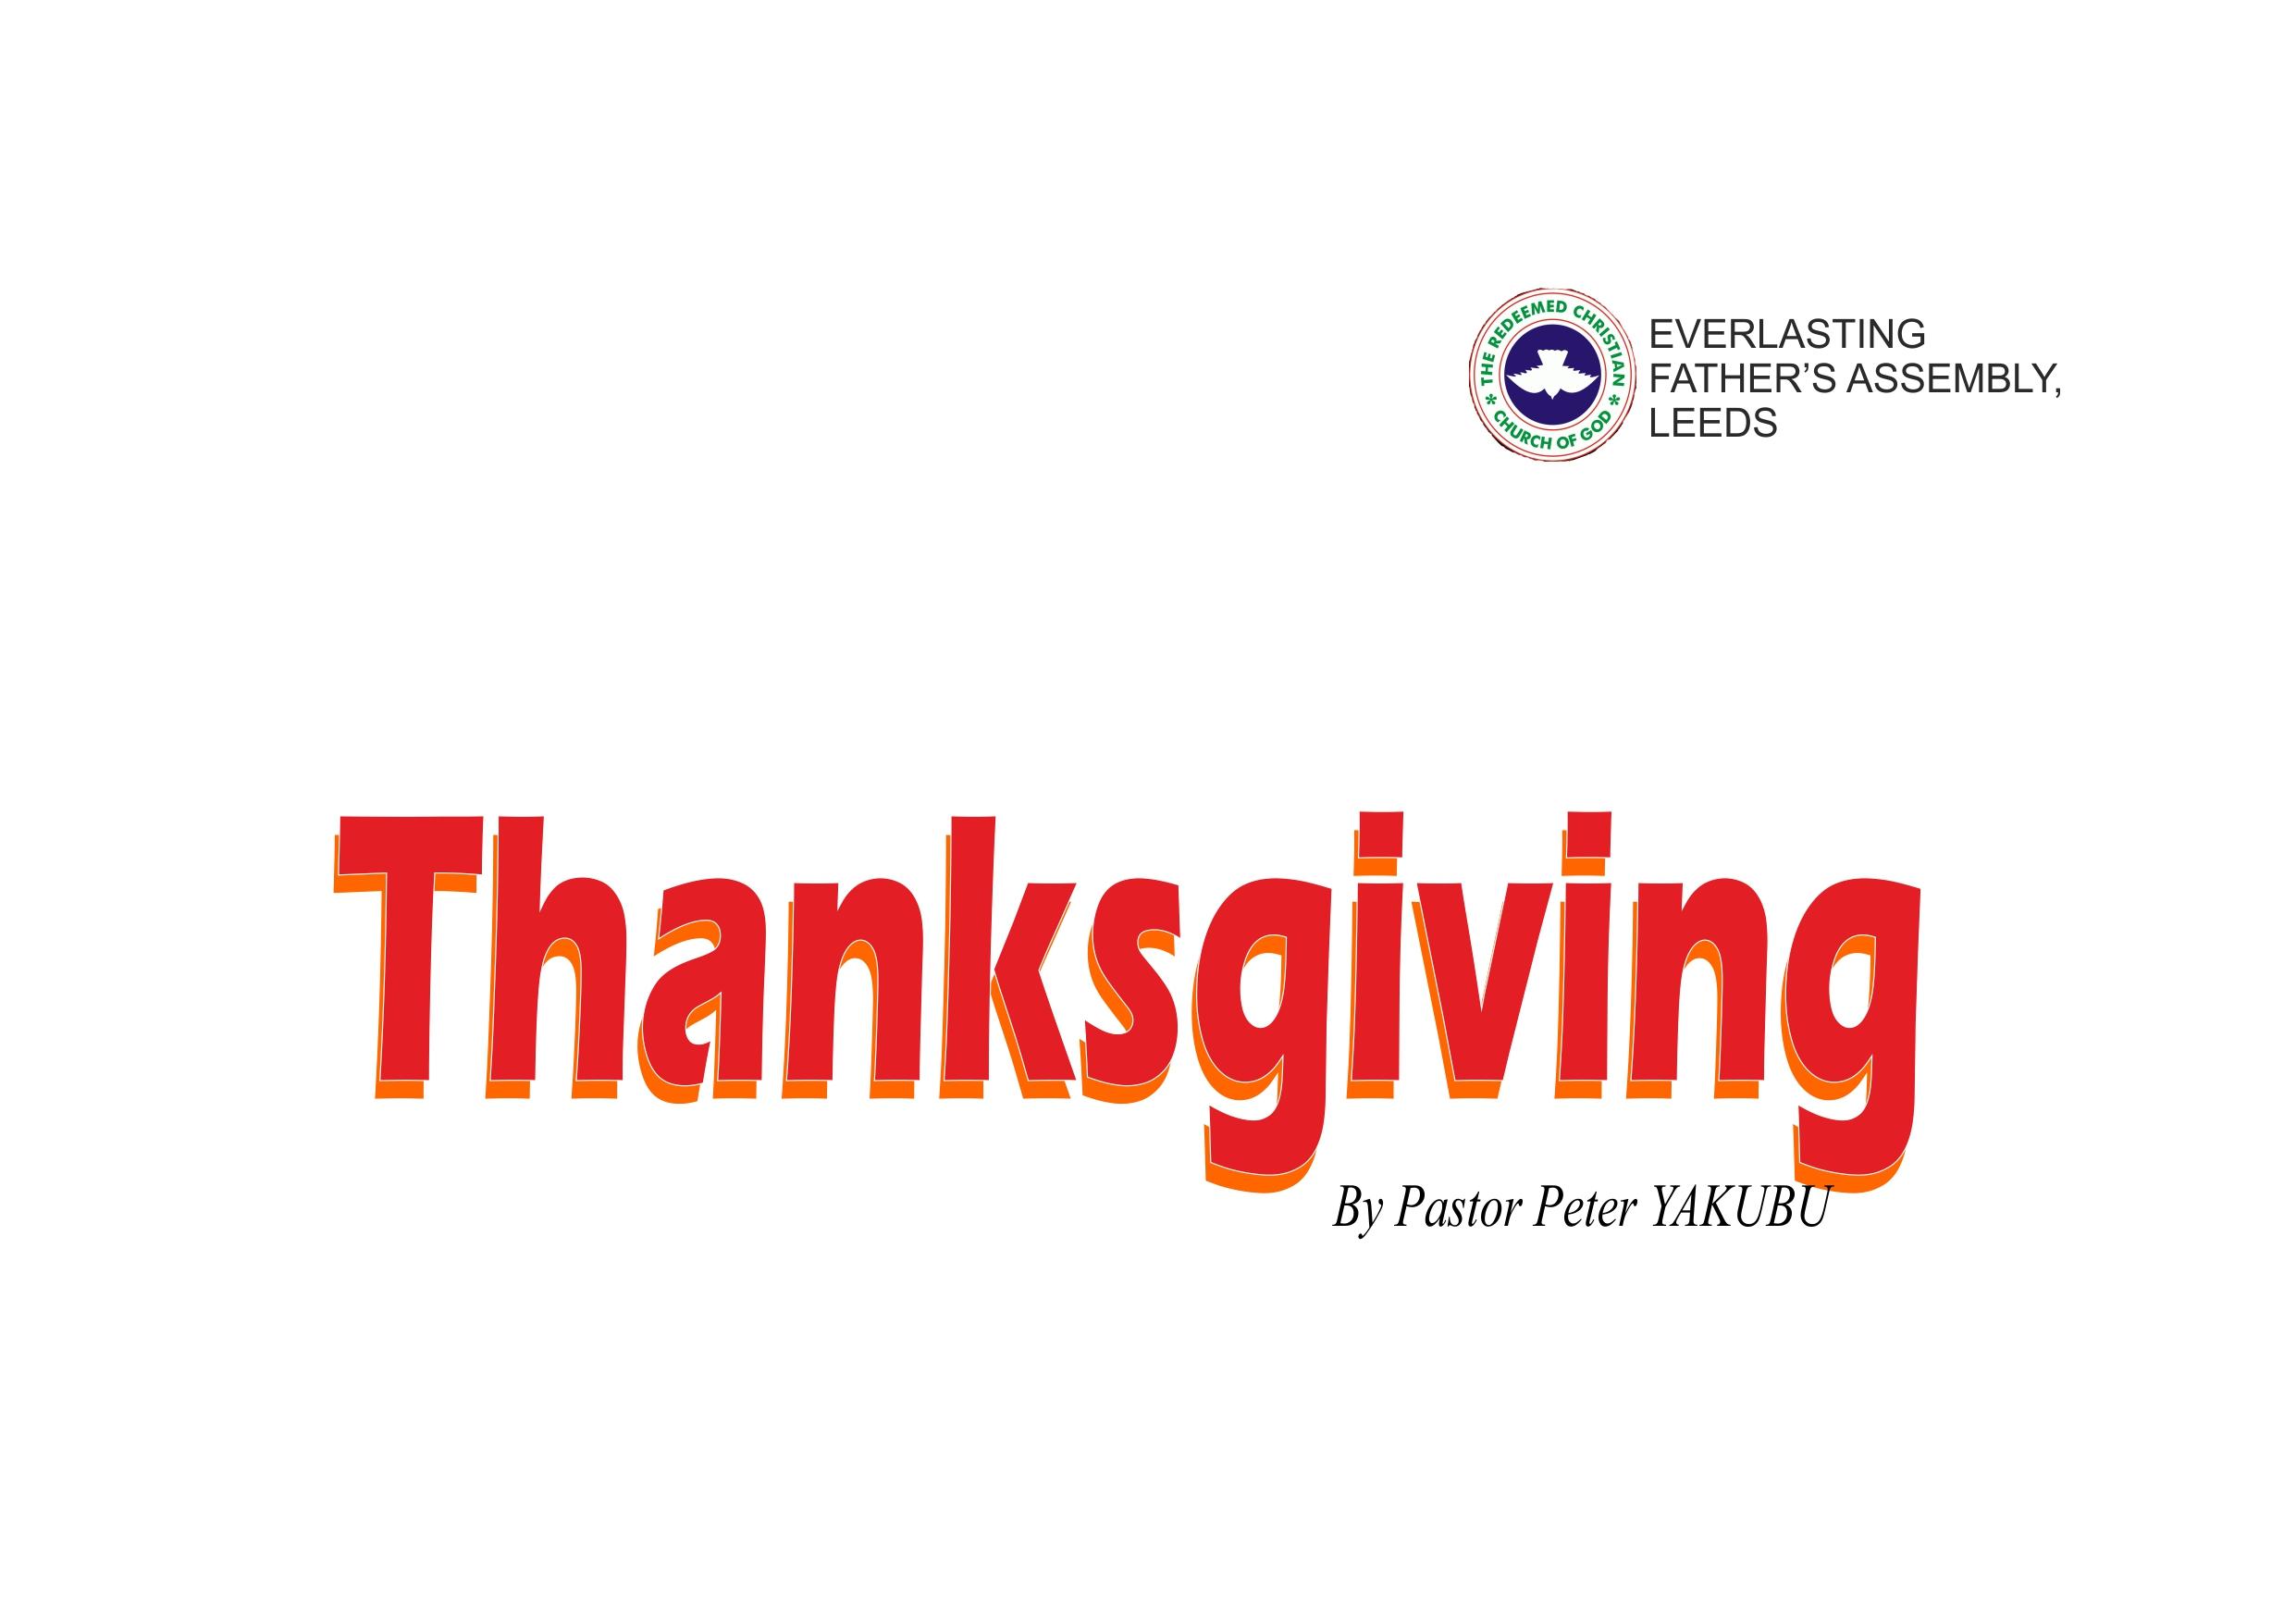 Thanksgiving, by Pastor Peter Yakubu